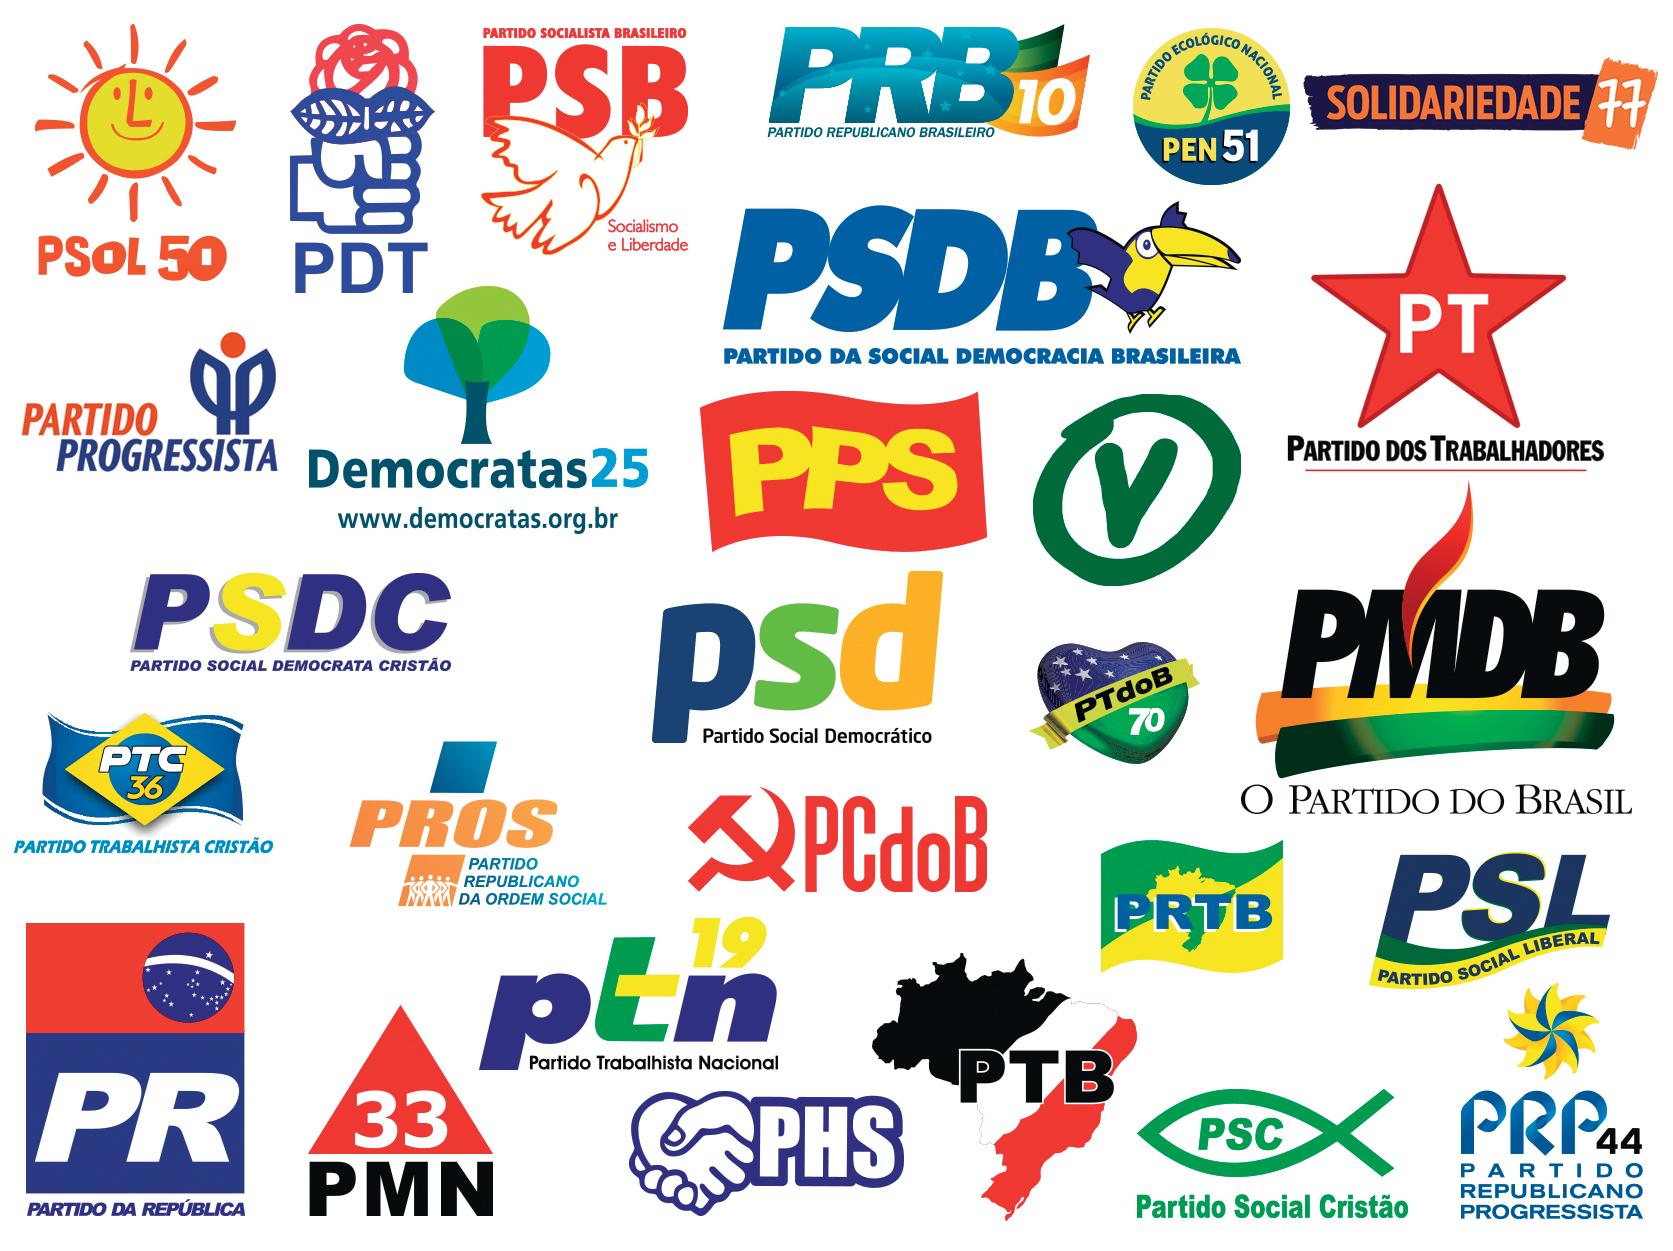 Política - reforma política - partidos políticos legendas